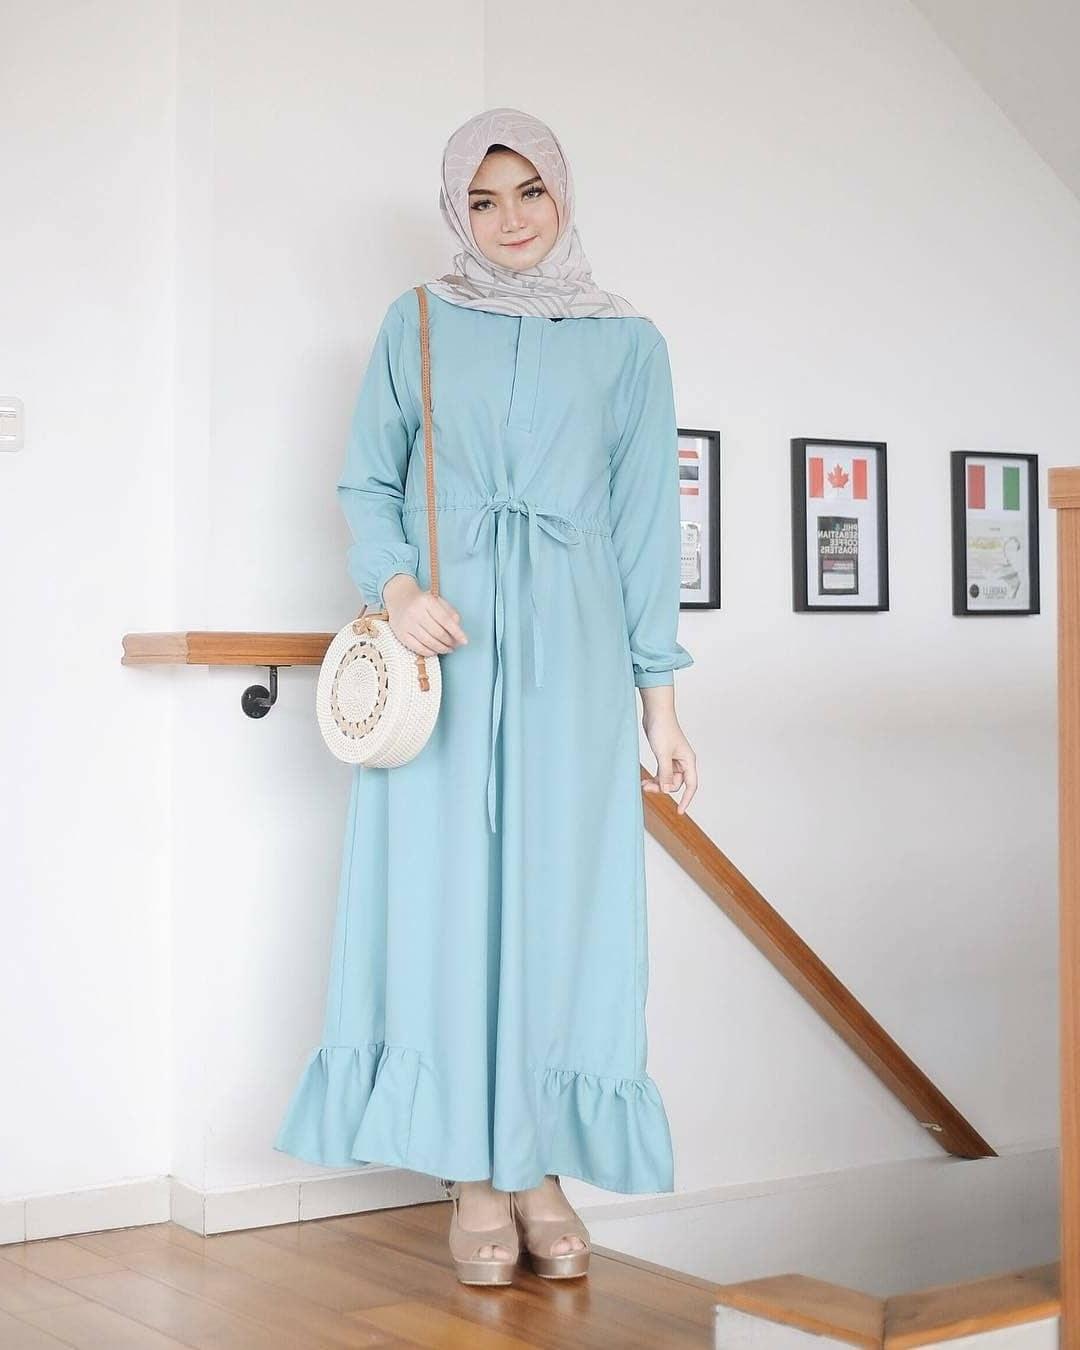 Model Model Baju Lebaran Dewasa 2018 Wddj Tren Busana Muslim Terbaru Untuk Merayakan Hari Raya Yang